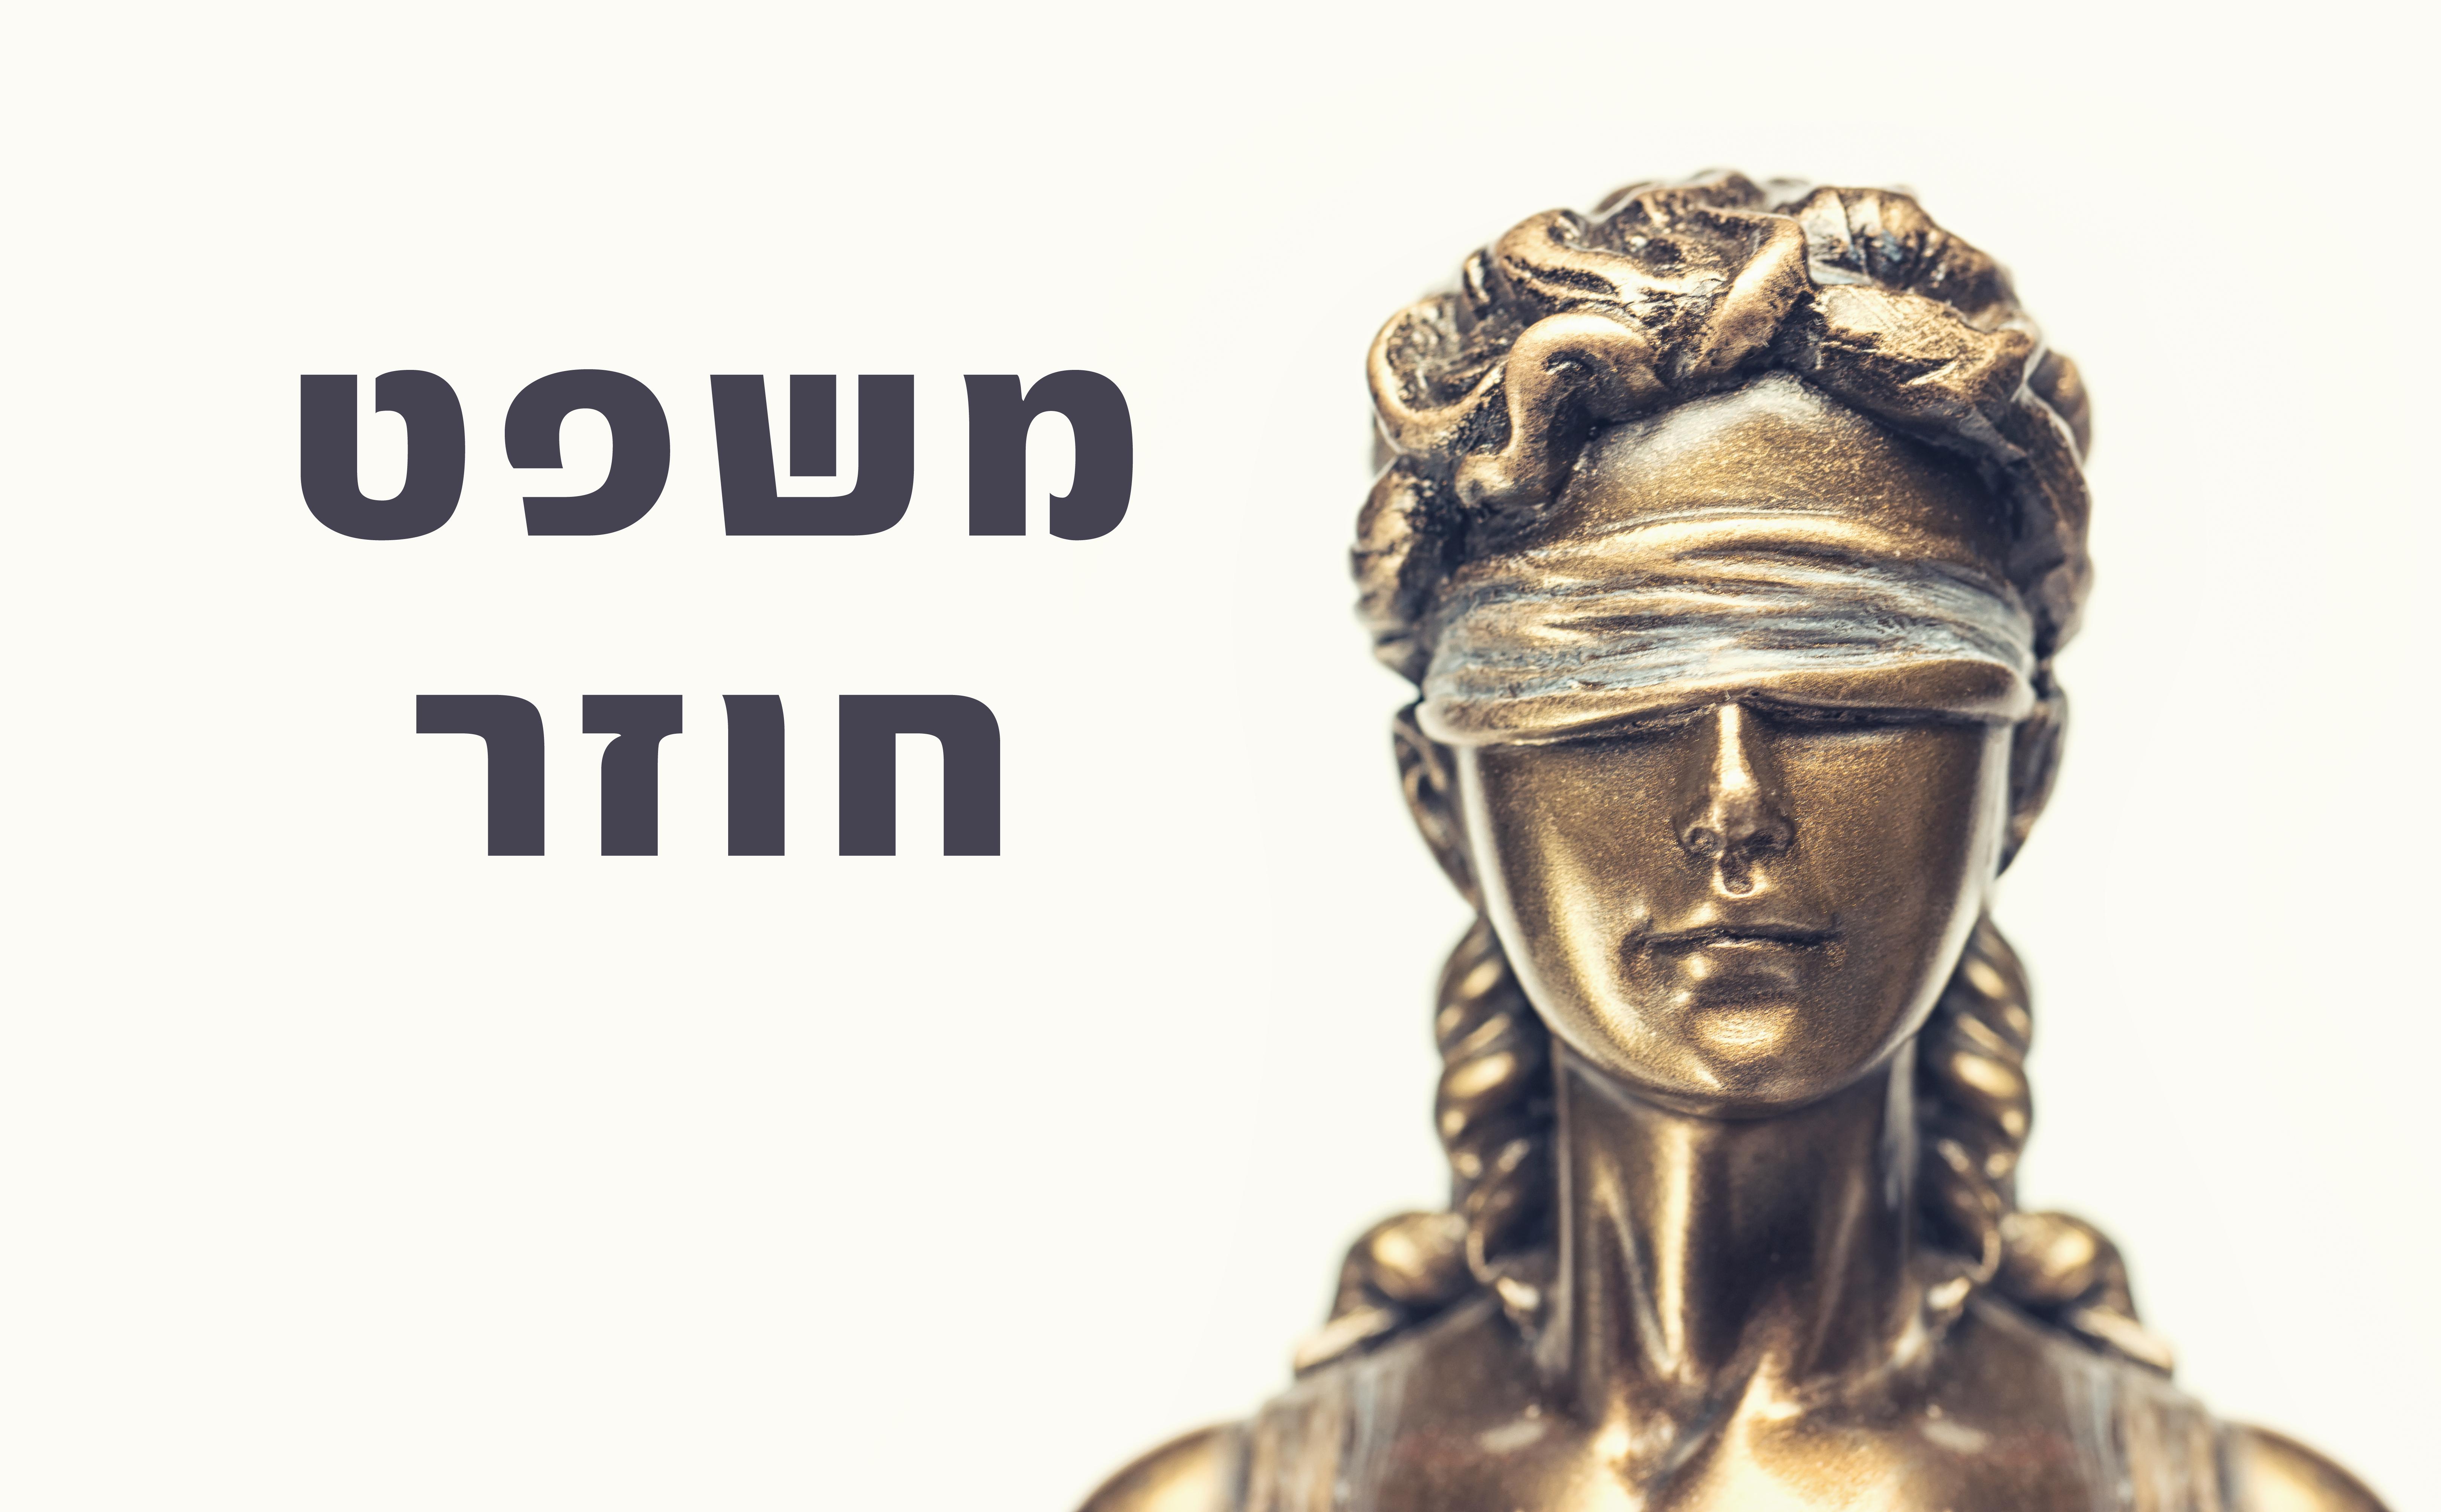 משפט חוזר ככלי לתיקון הרשעות שווא בישראל